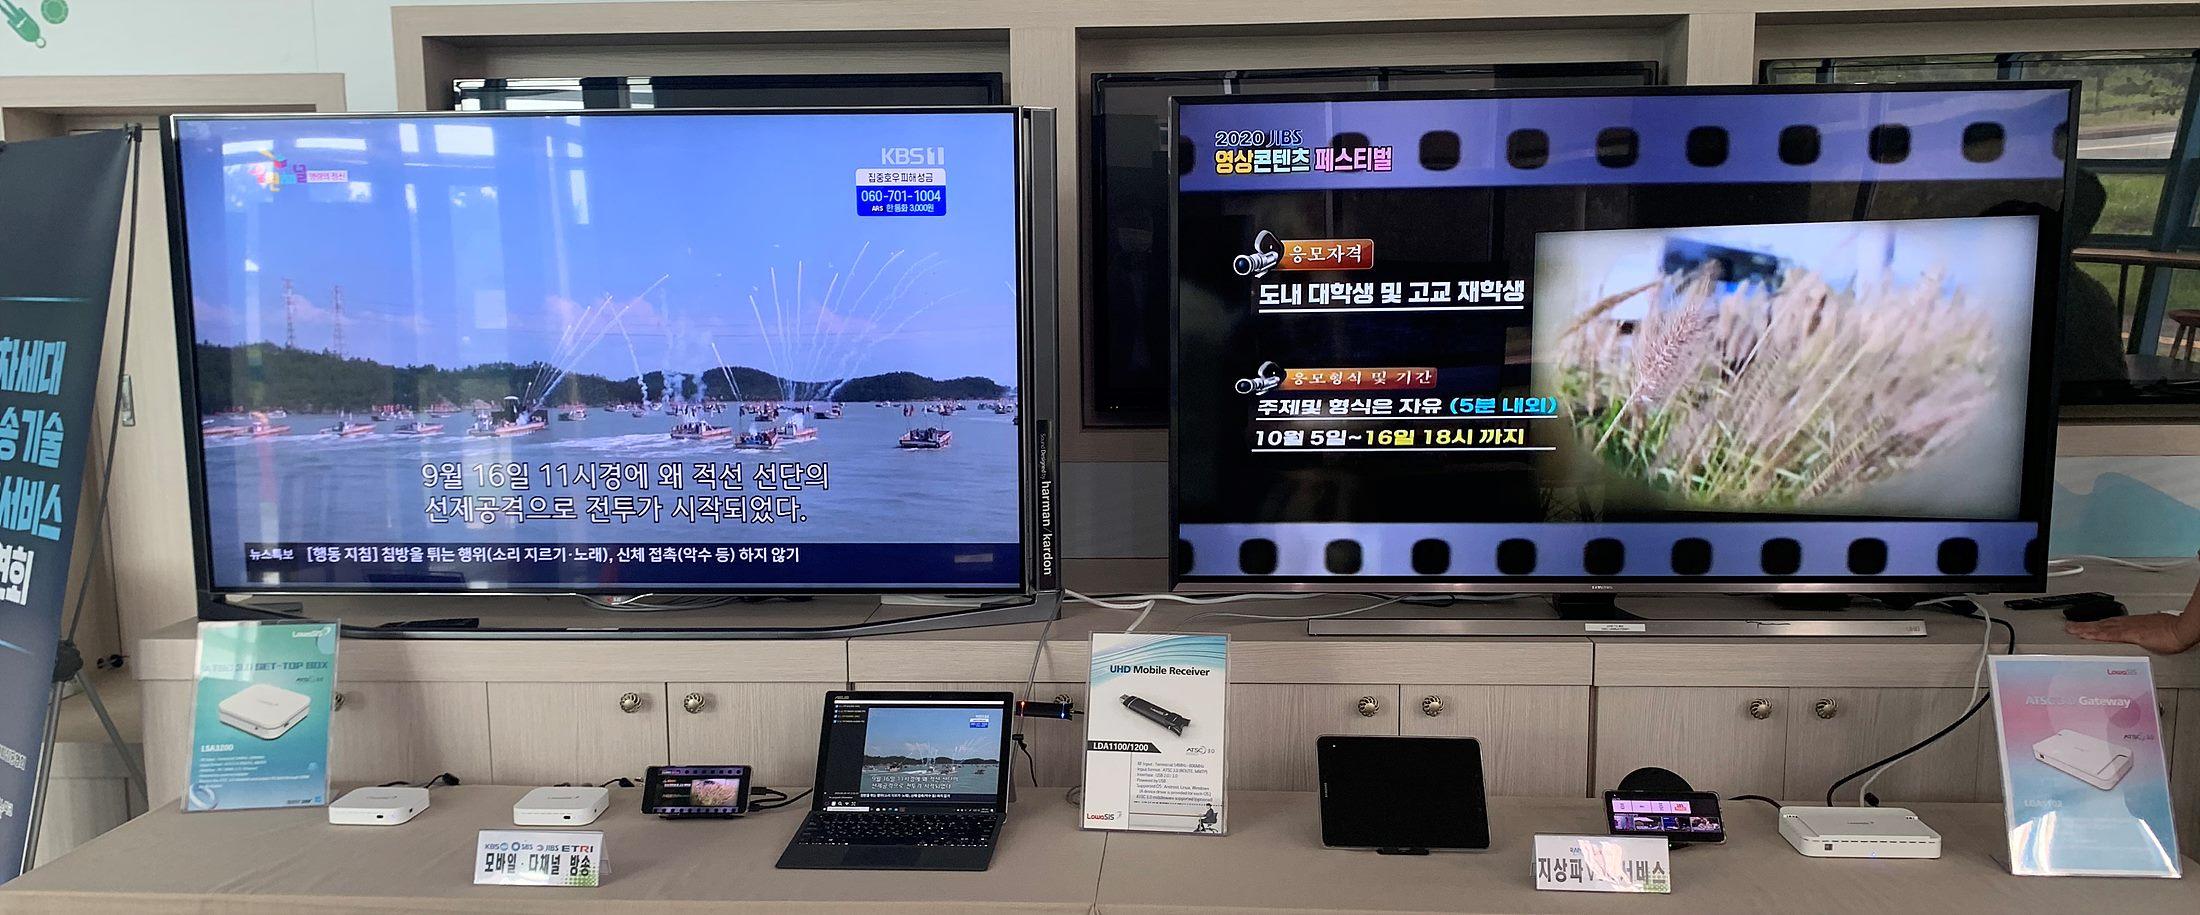 모바일 다채널 방송과 지상파 VOD 서비스 전시